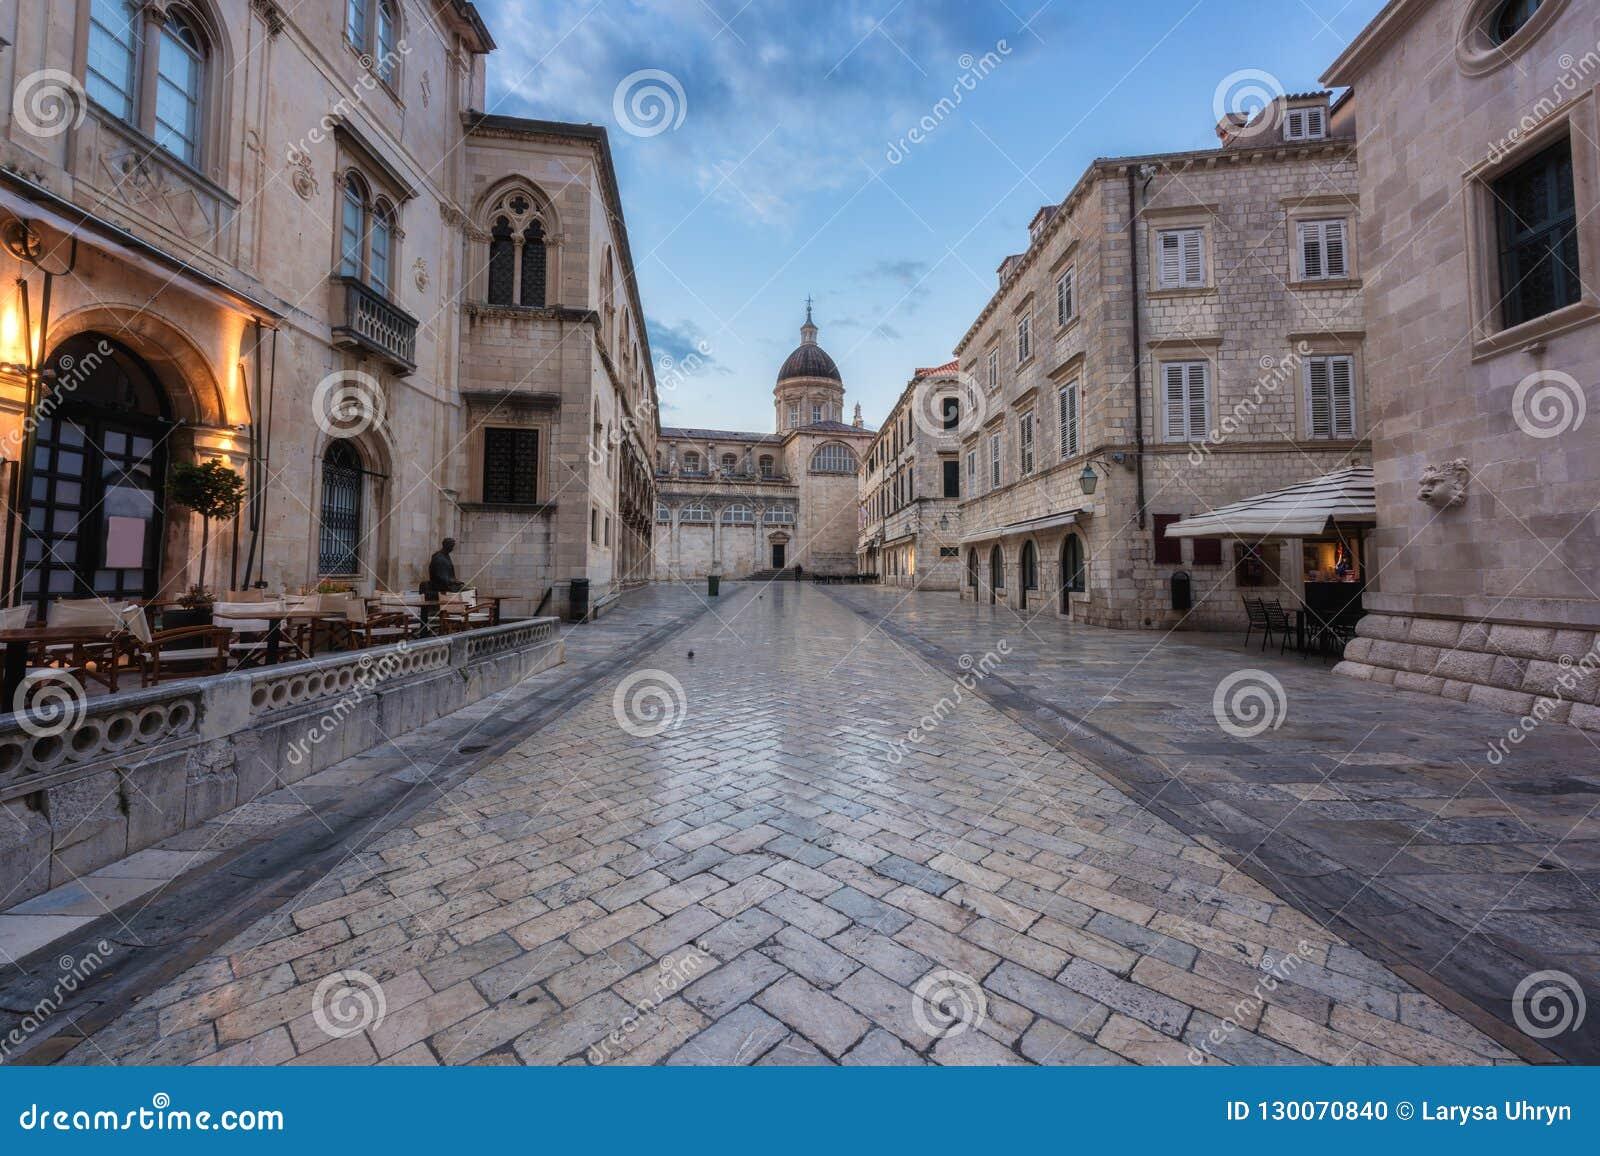 Ciudad vieja de Dubrovnik, vista que sorprende de la arquitectura medieval a lo largo de la calle de piedra, ruta turística en el